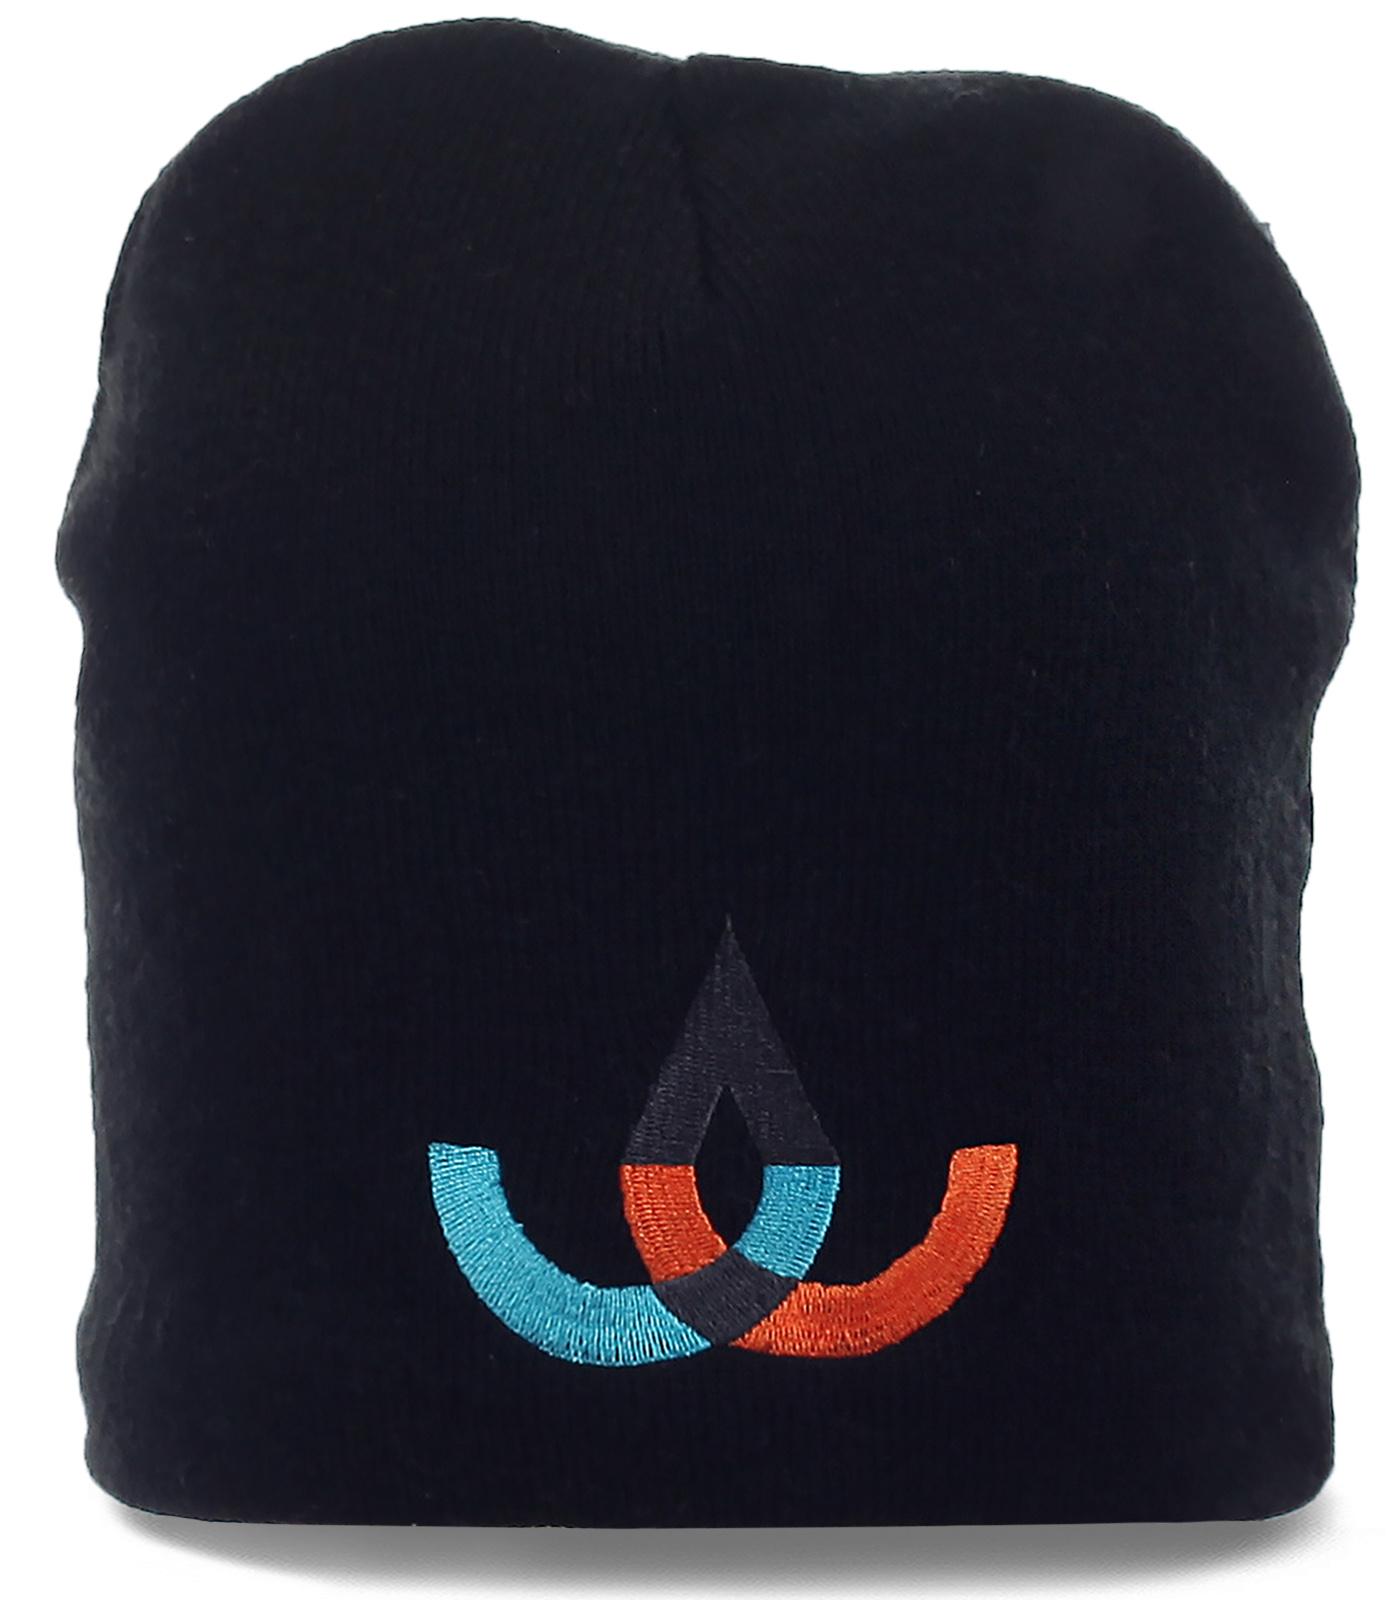 Зимняя мужская трикотажная шапка с элегантной вышивкой утепленная флисом